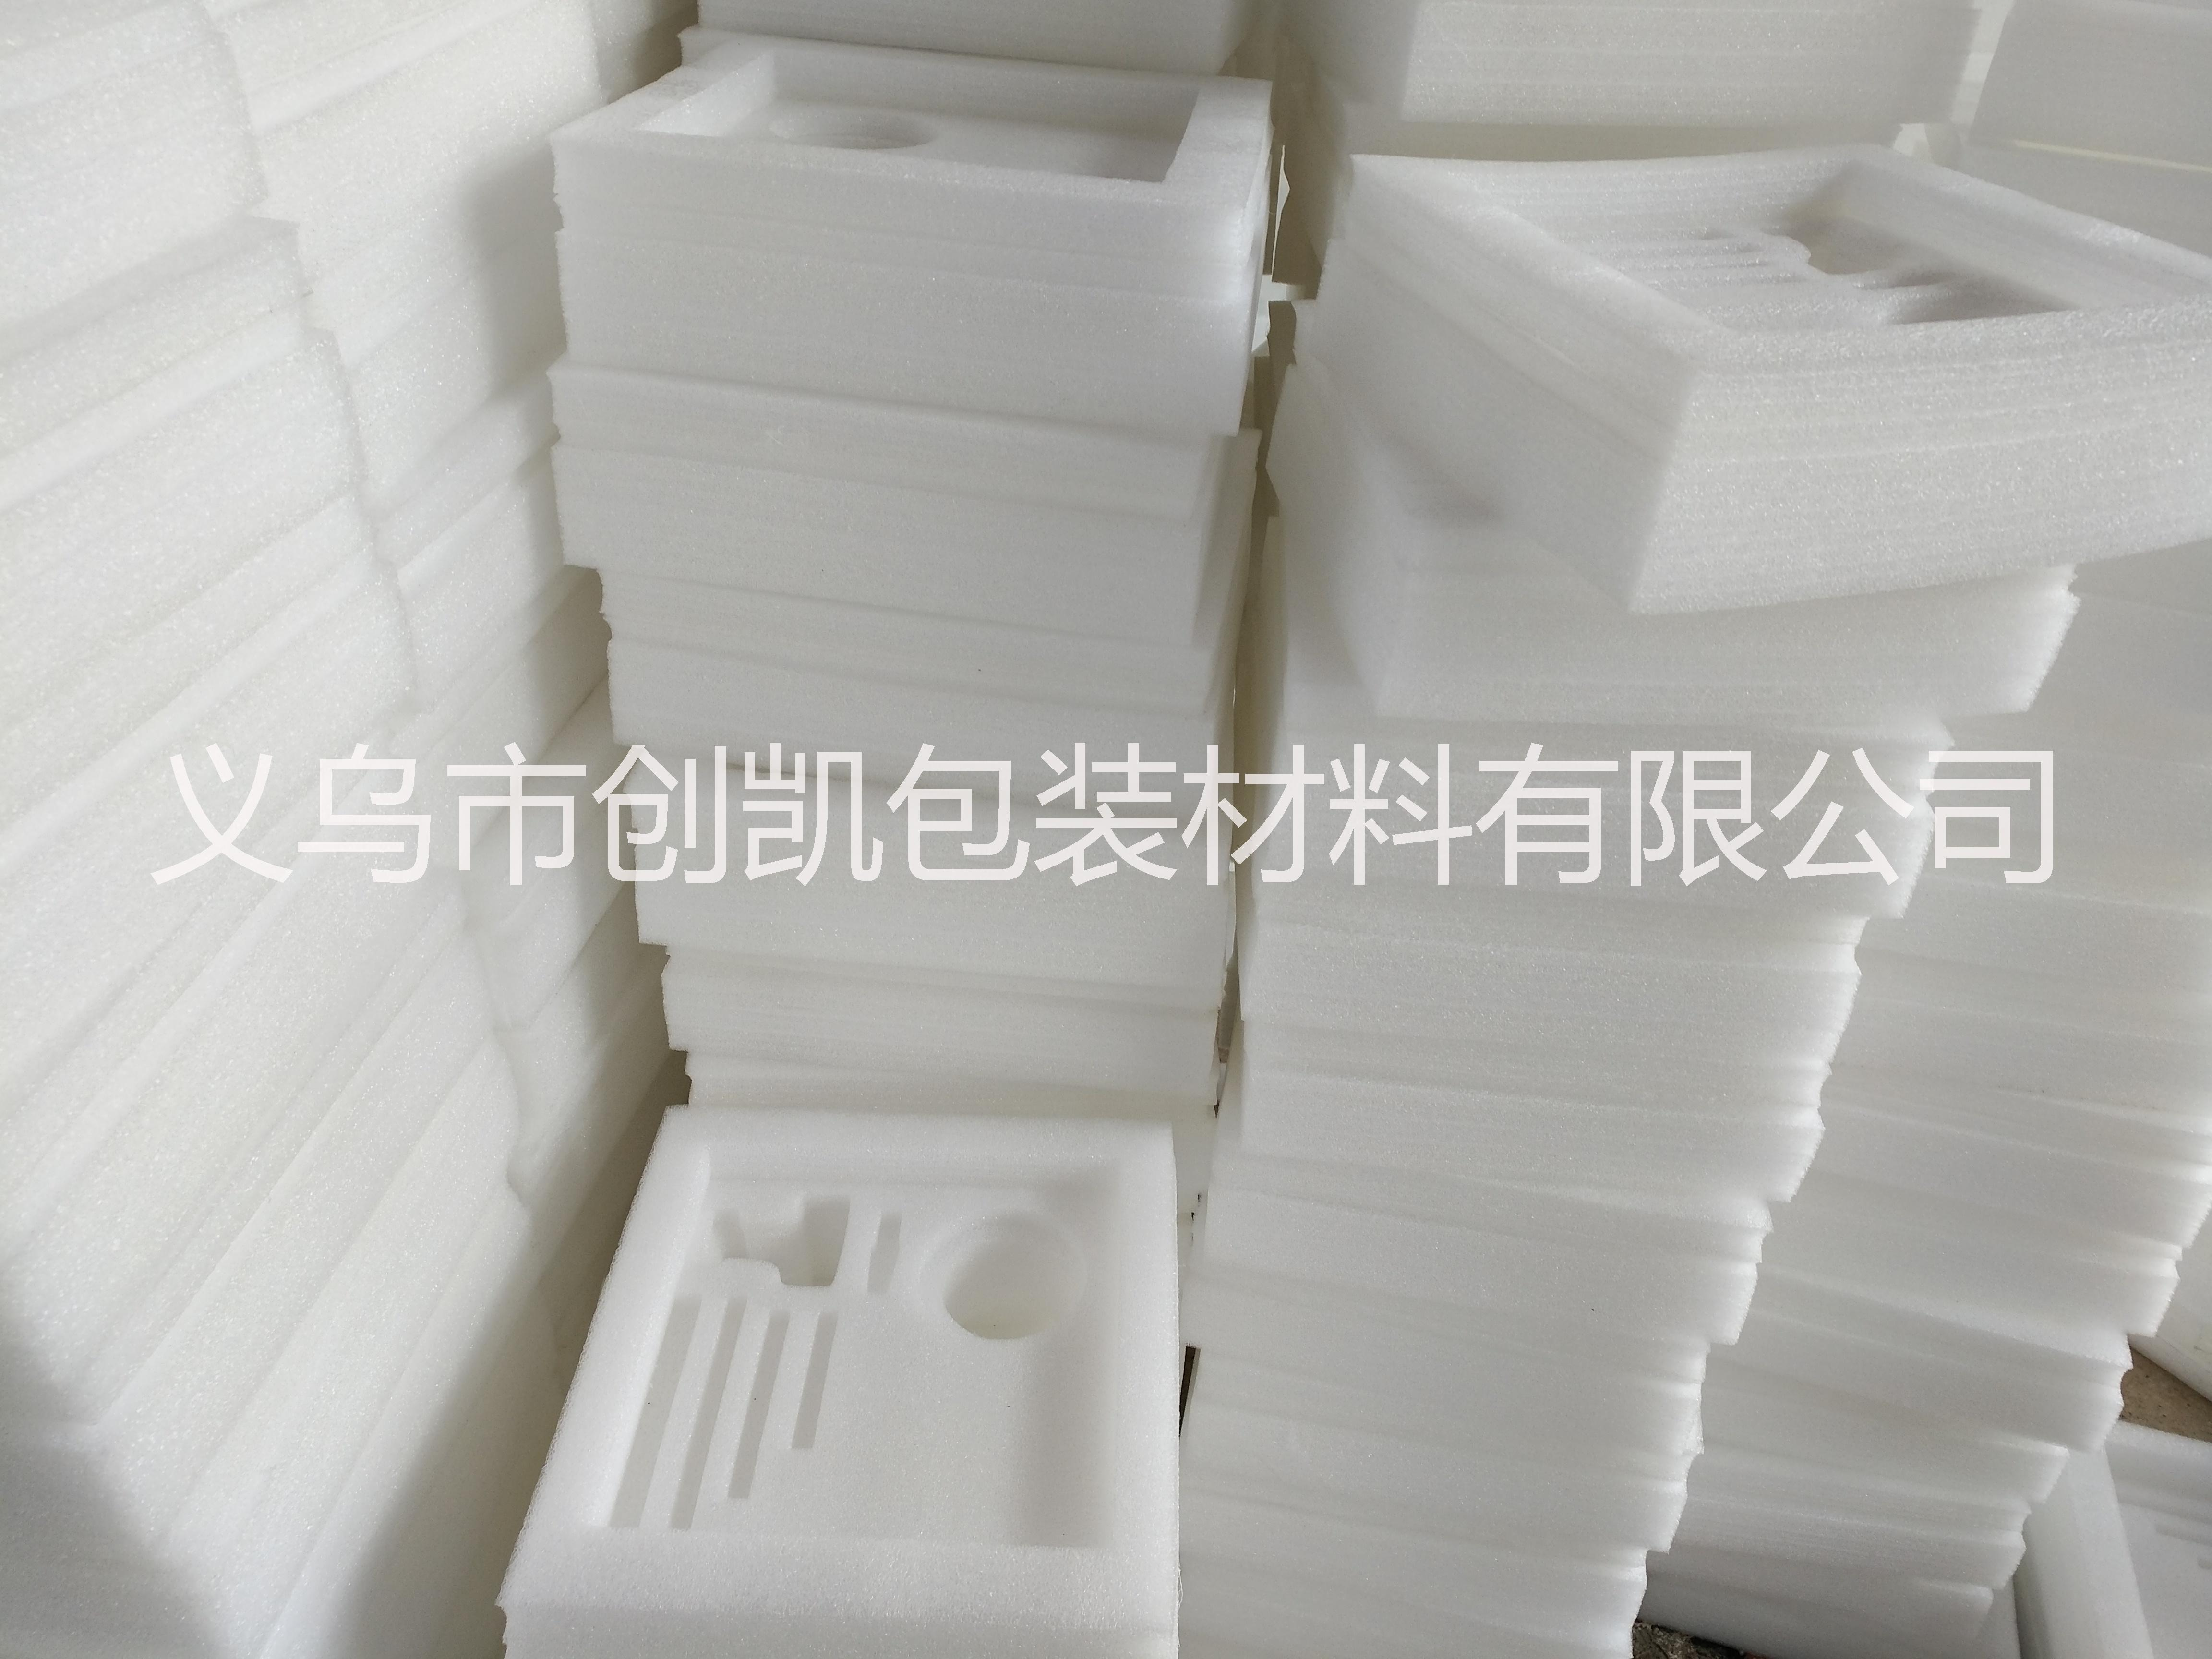 义乌创凯包装义乌珍珠棉厂家珍珠棉异型材珍珠棉护角